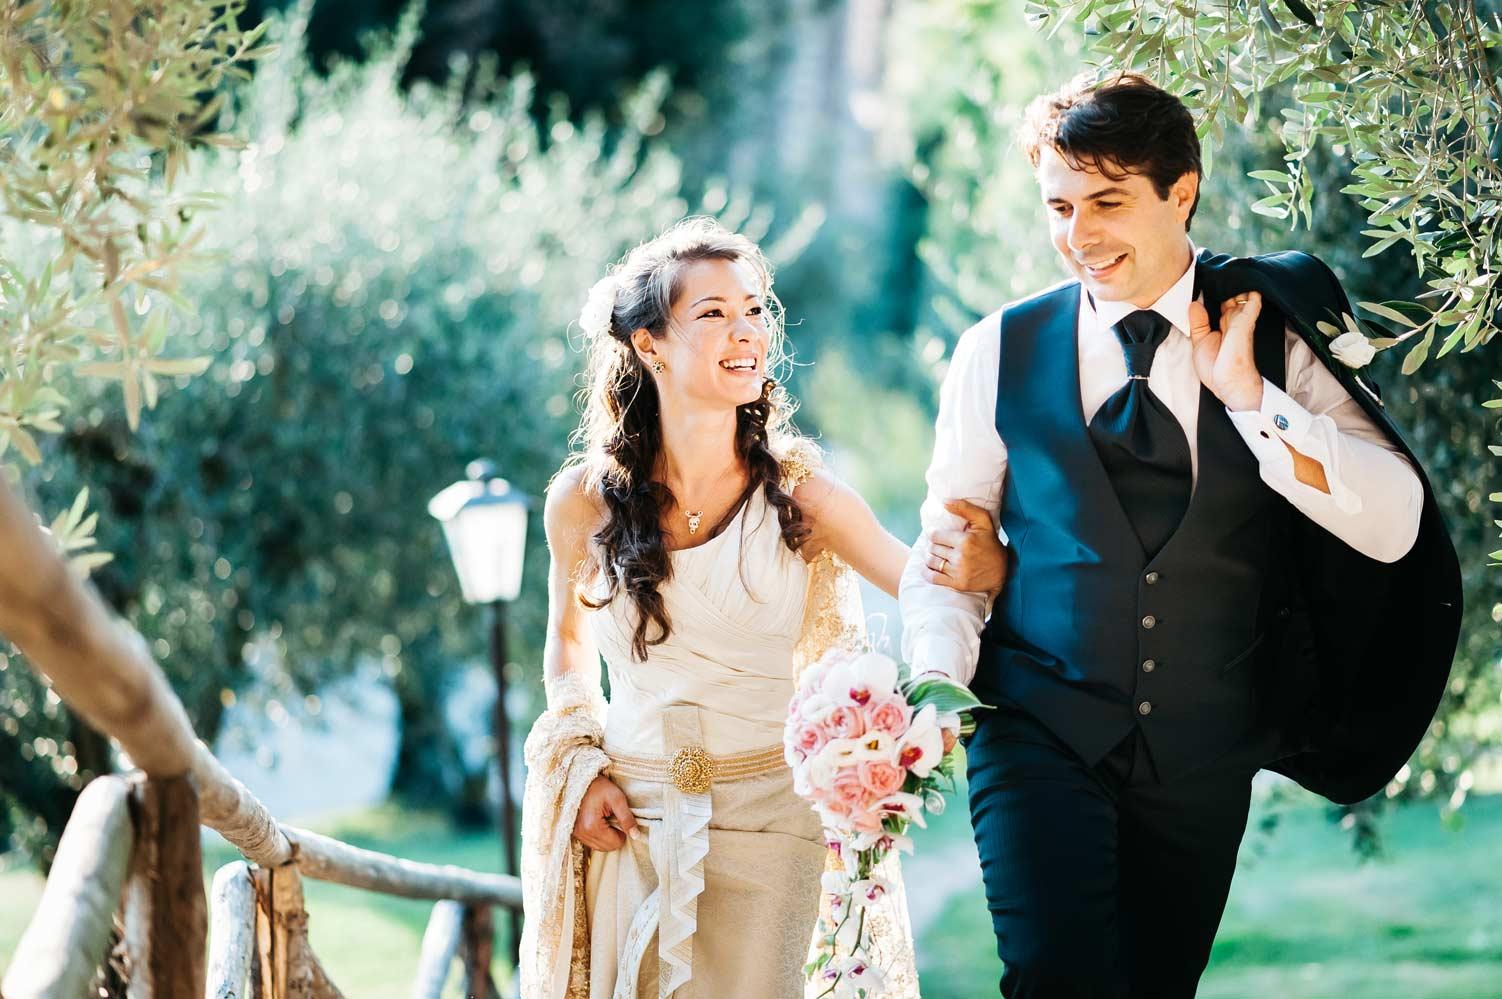 Fotoreportage-Di-Matrimonio-Roma-Ritratti